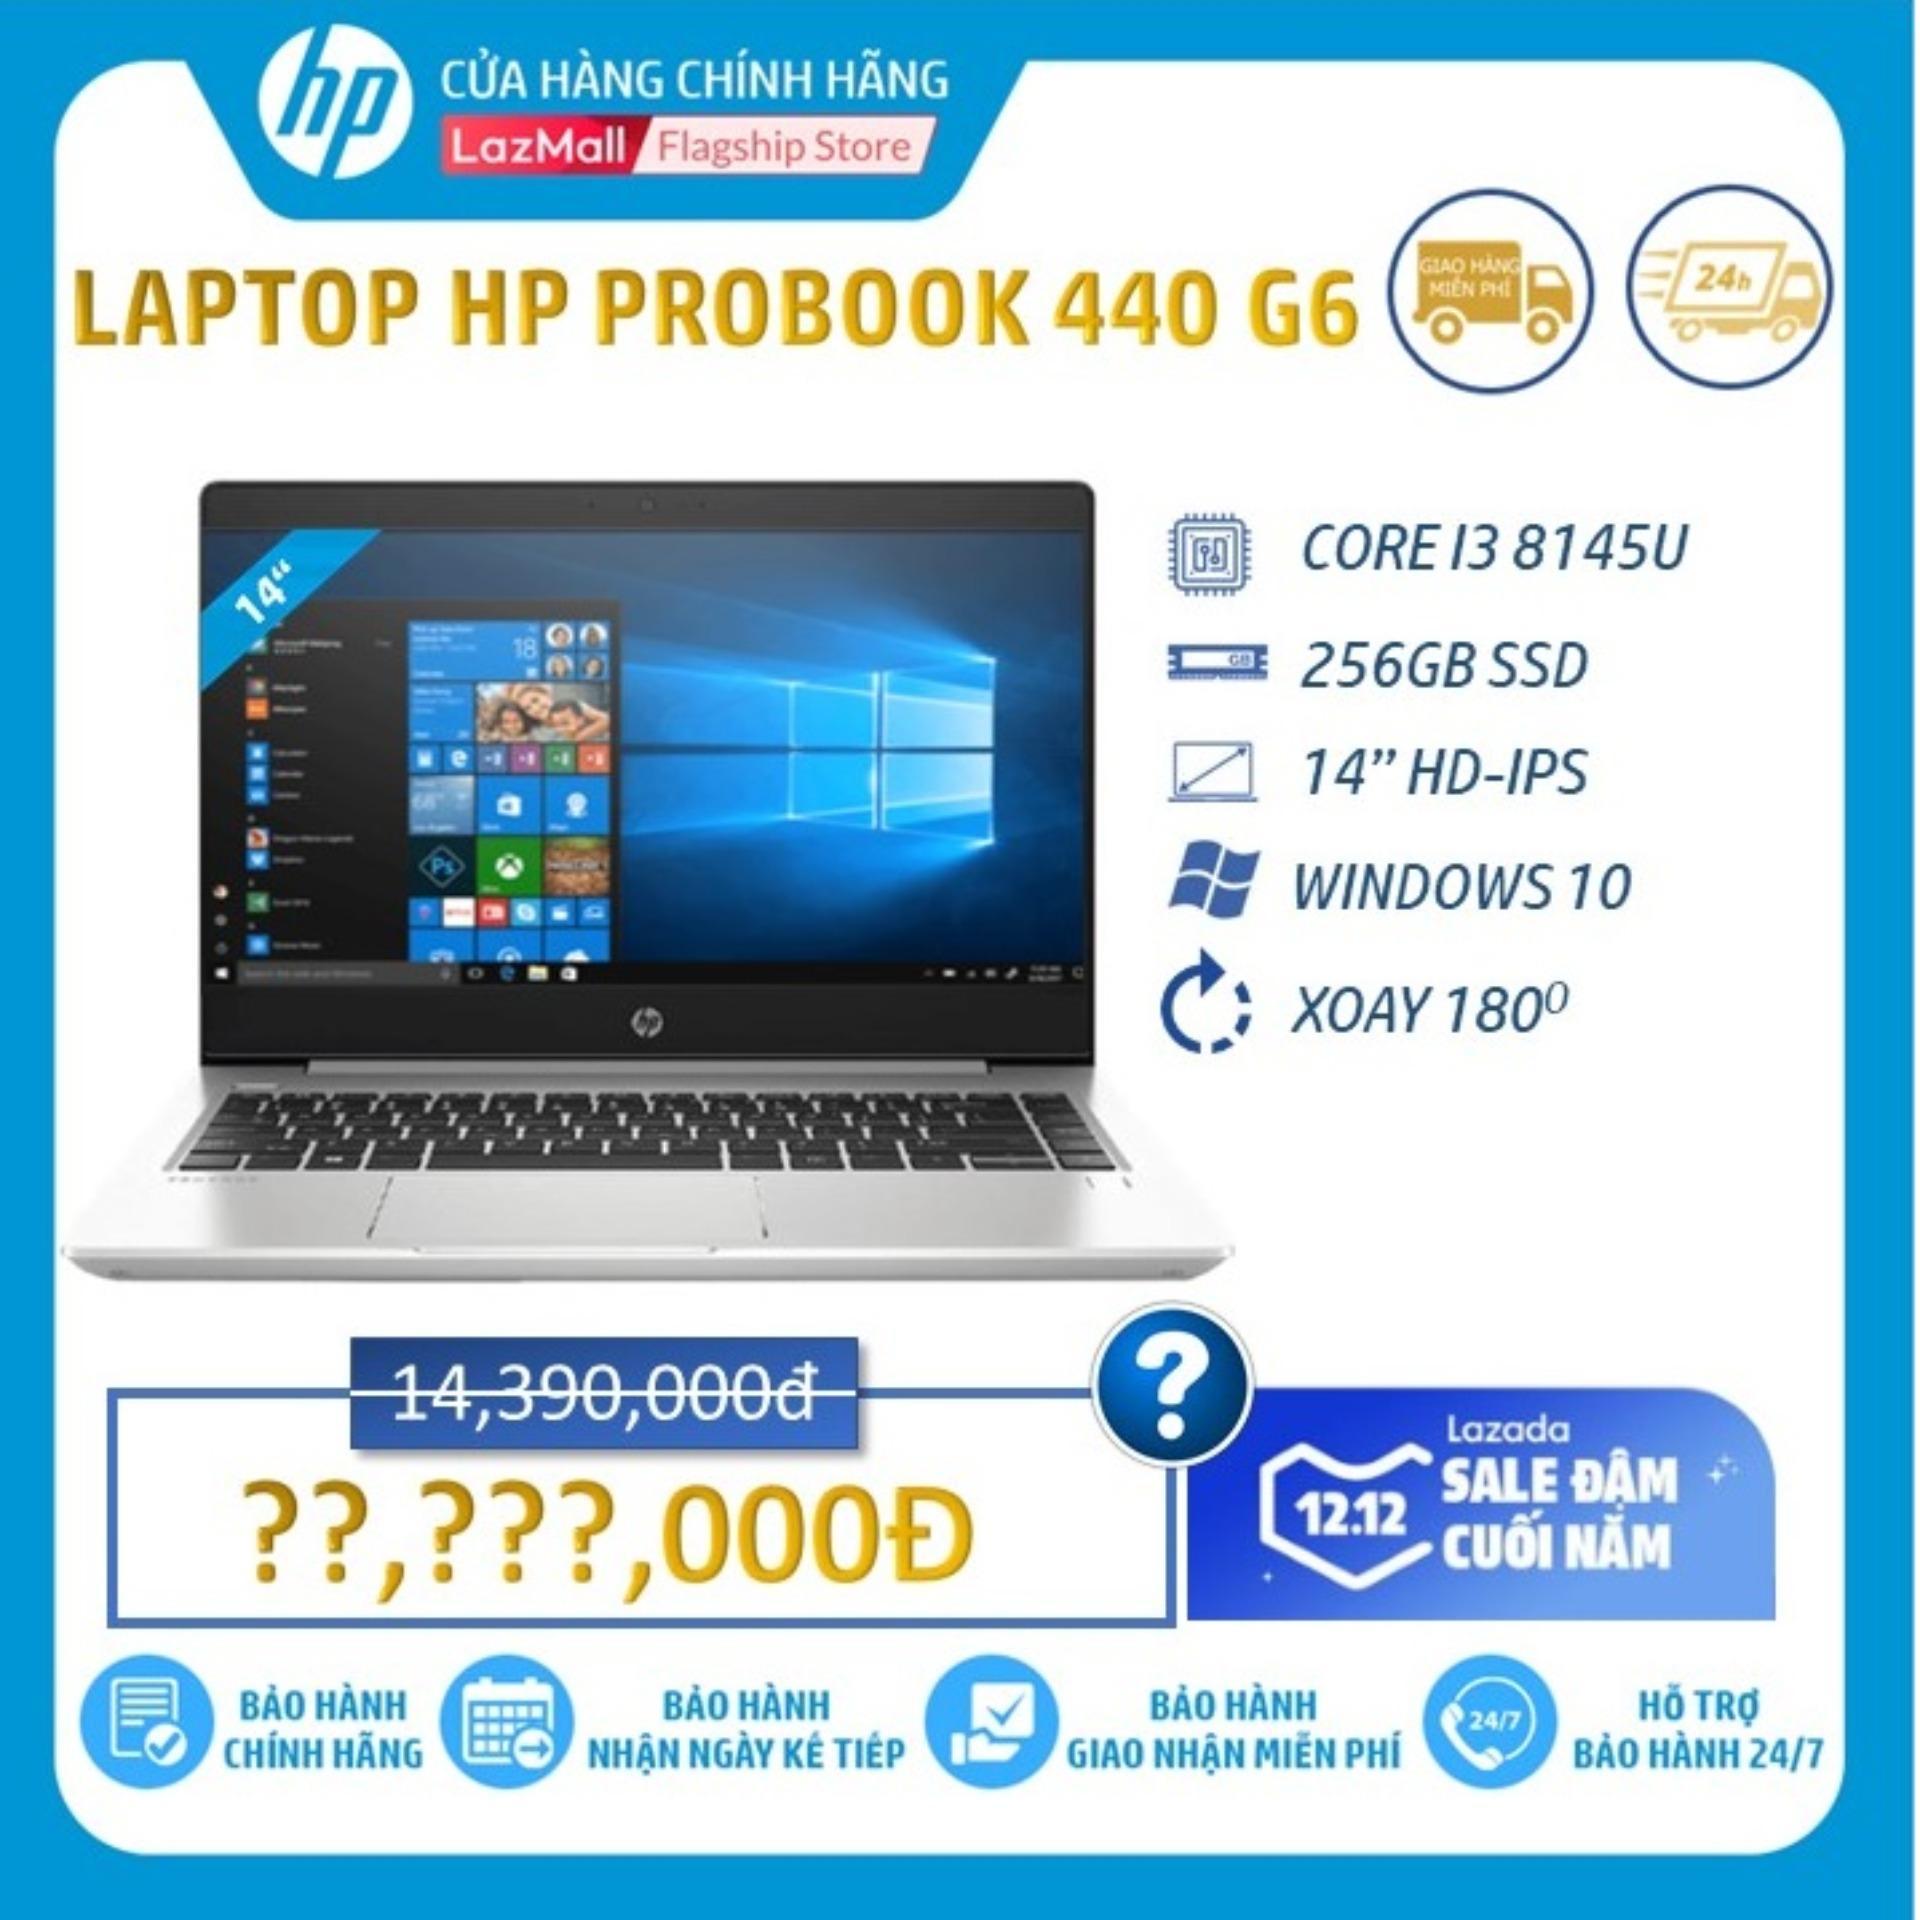 Laptop HP ProBook 440 G6 (Core I3-8145U/4GB RAM DDR4/256GB SSD/Intel UHD Graphics/14 HD/Win10Home)_8GV28PA - Hàng Chính Hãng Siêu Ưu Đãi tại Lazada